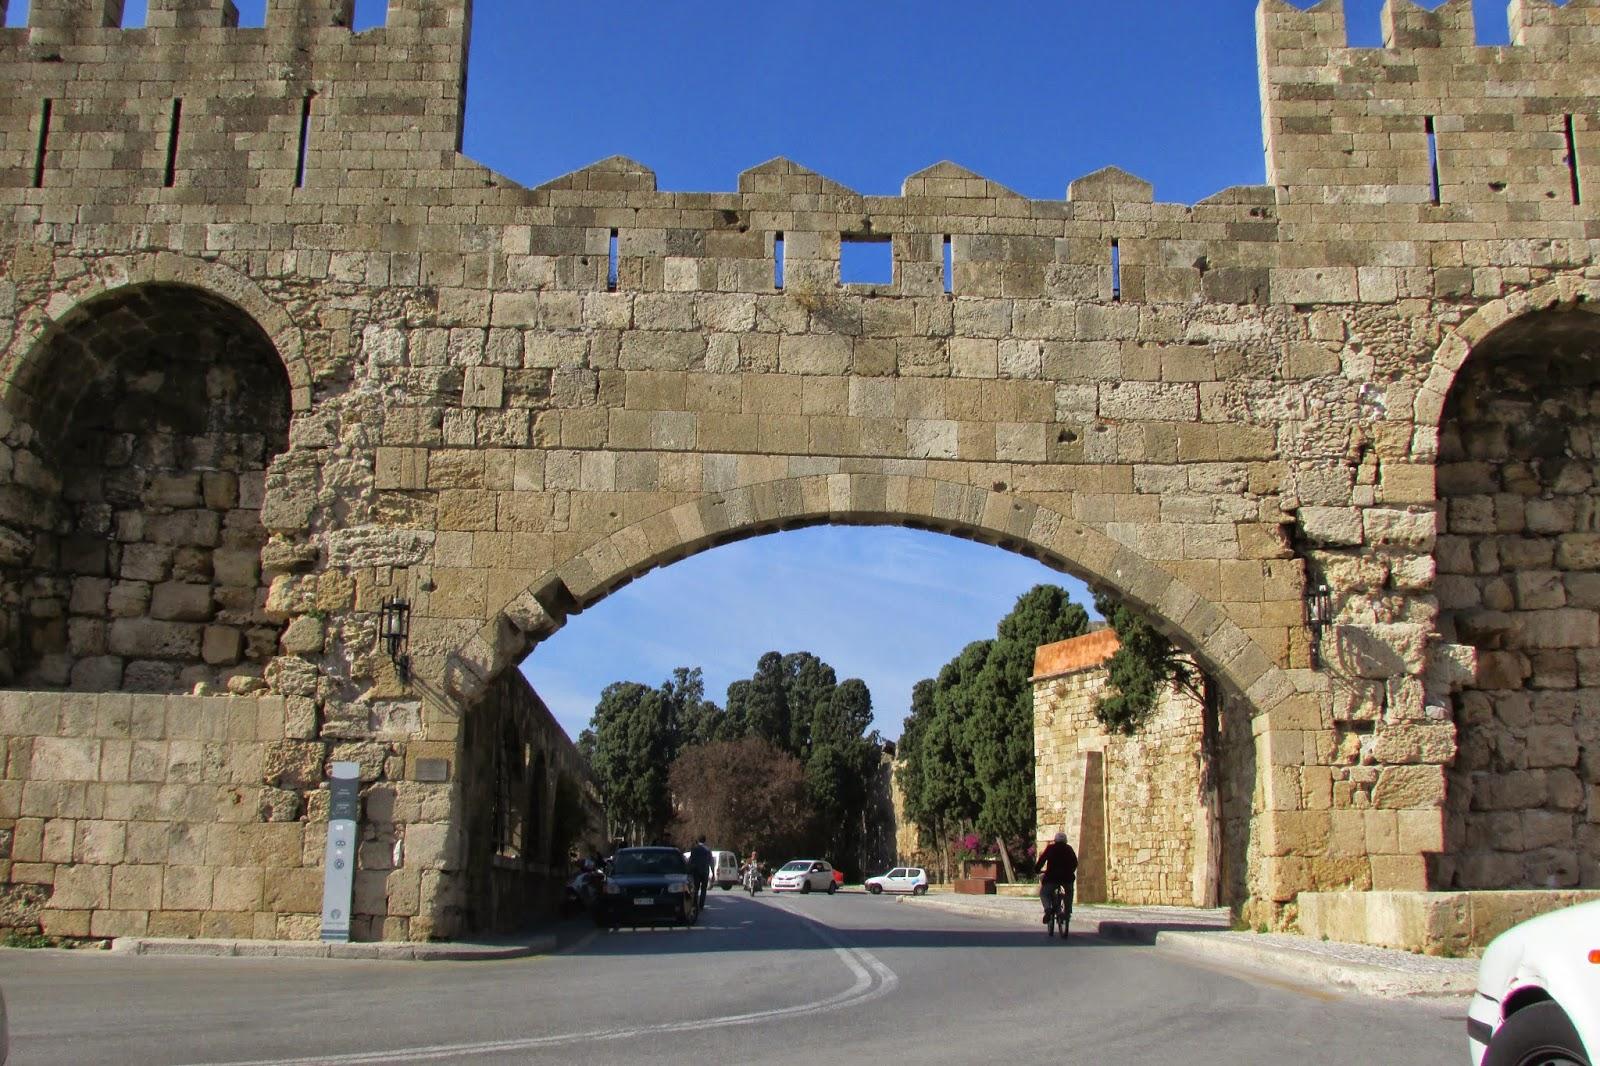 bramy Starego Miasta - Brama Arsenału